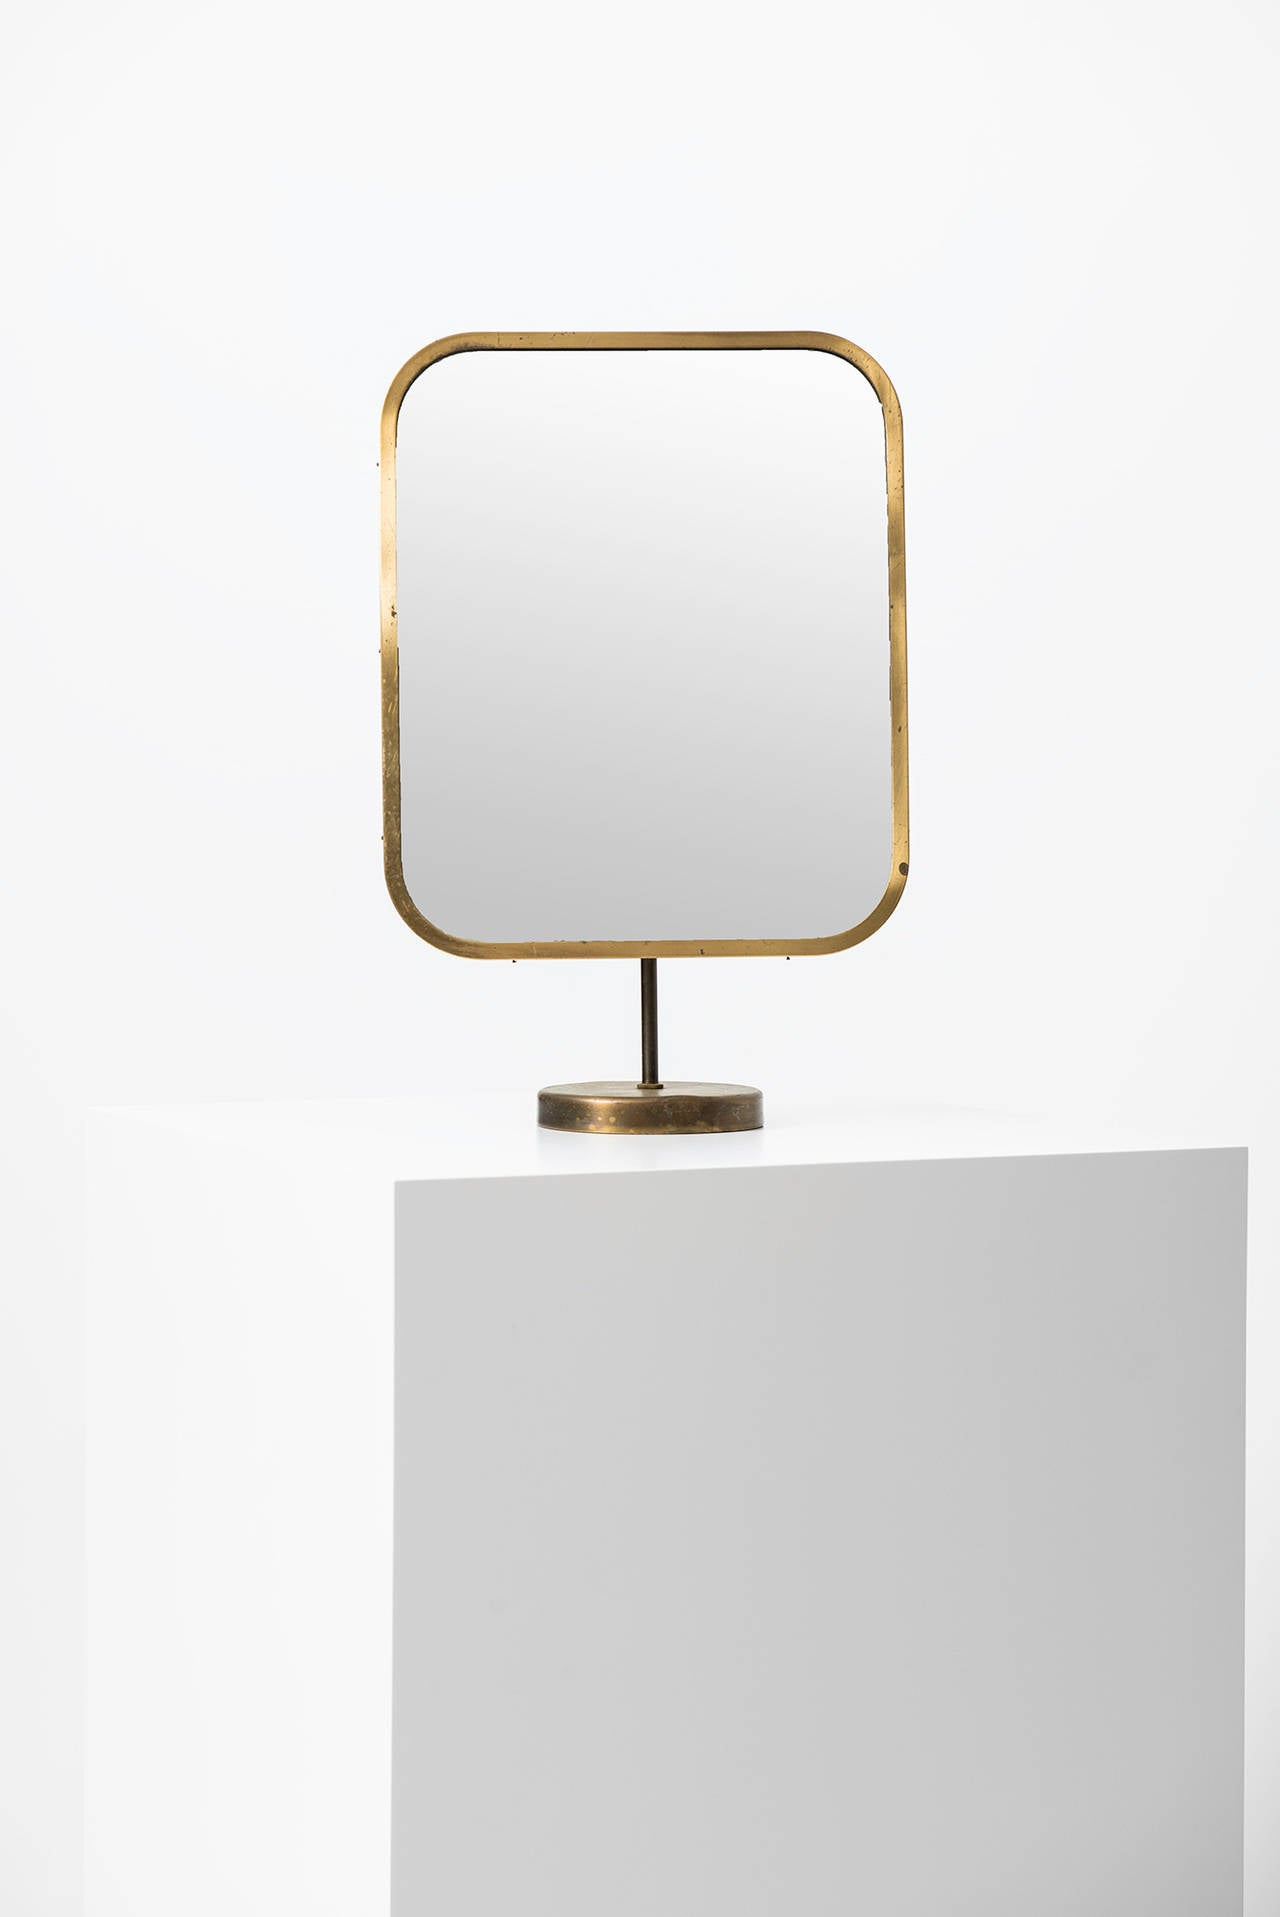 Josef Frank Table Mirror in Brass by Nordiska Kompaniet in Sweden For Sale 1